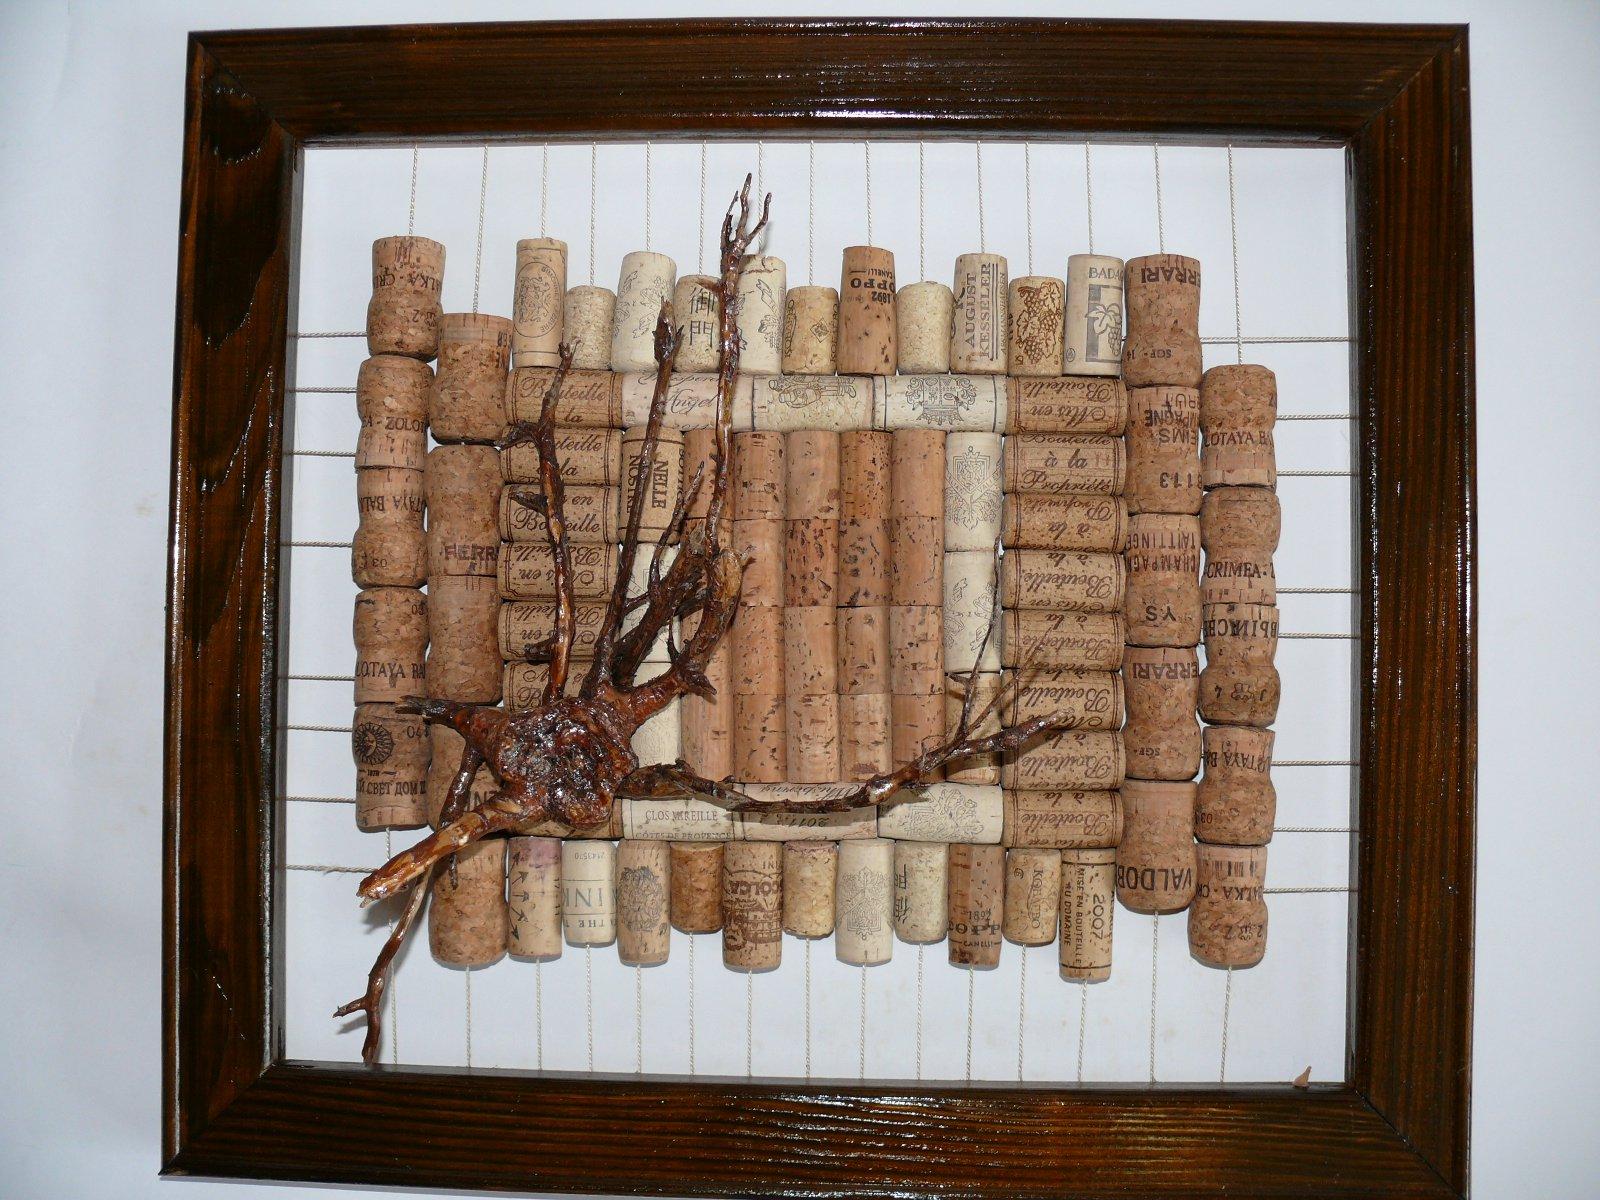 владельцы изделия из пробок от вина фото заболевание